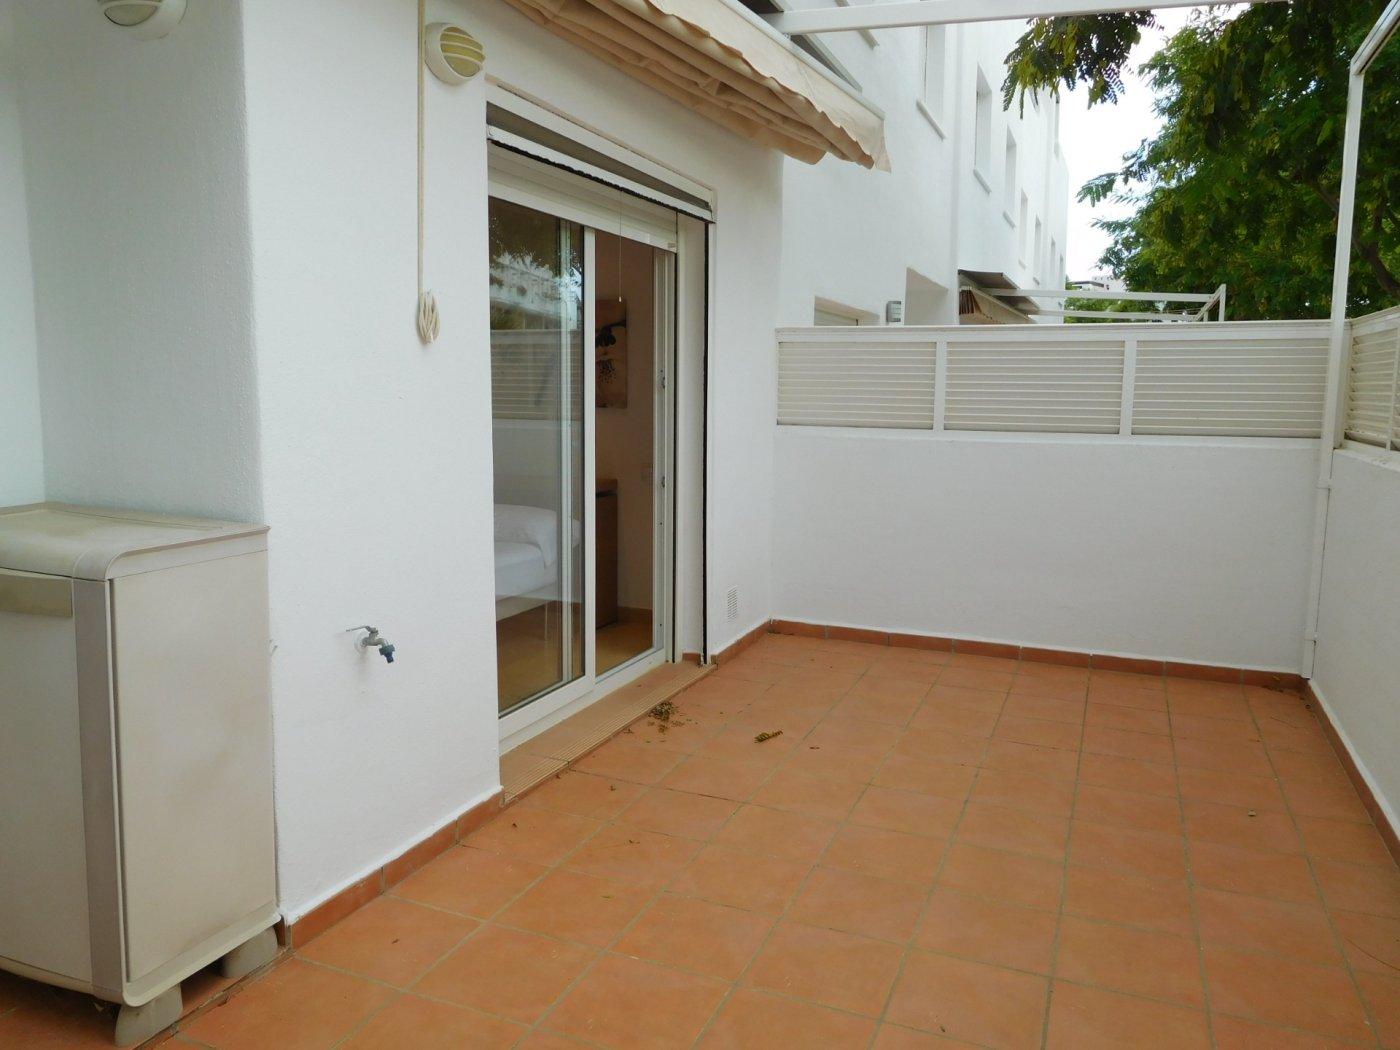 Image 8 Apartment ref 3265-03013 for rent in Condado De Alhama Spain - Quality Homes Costa Cálida